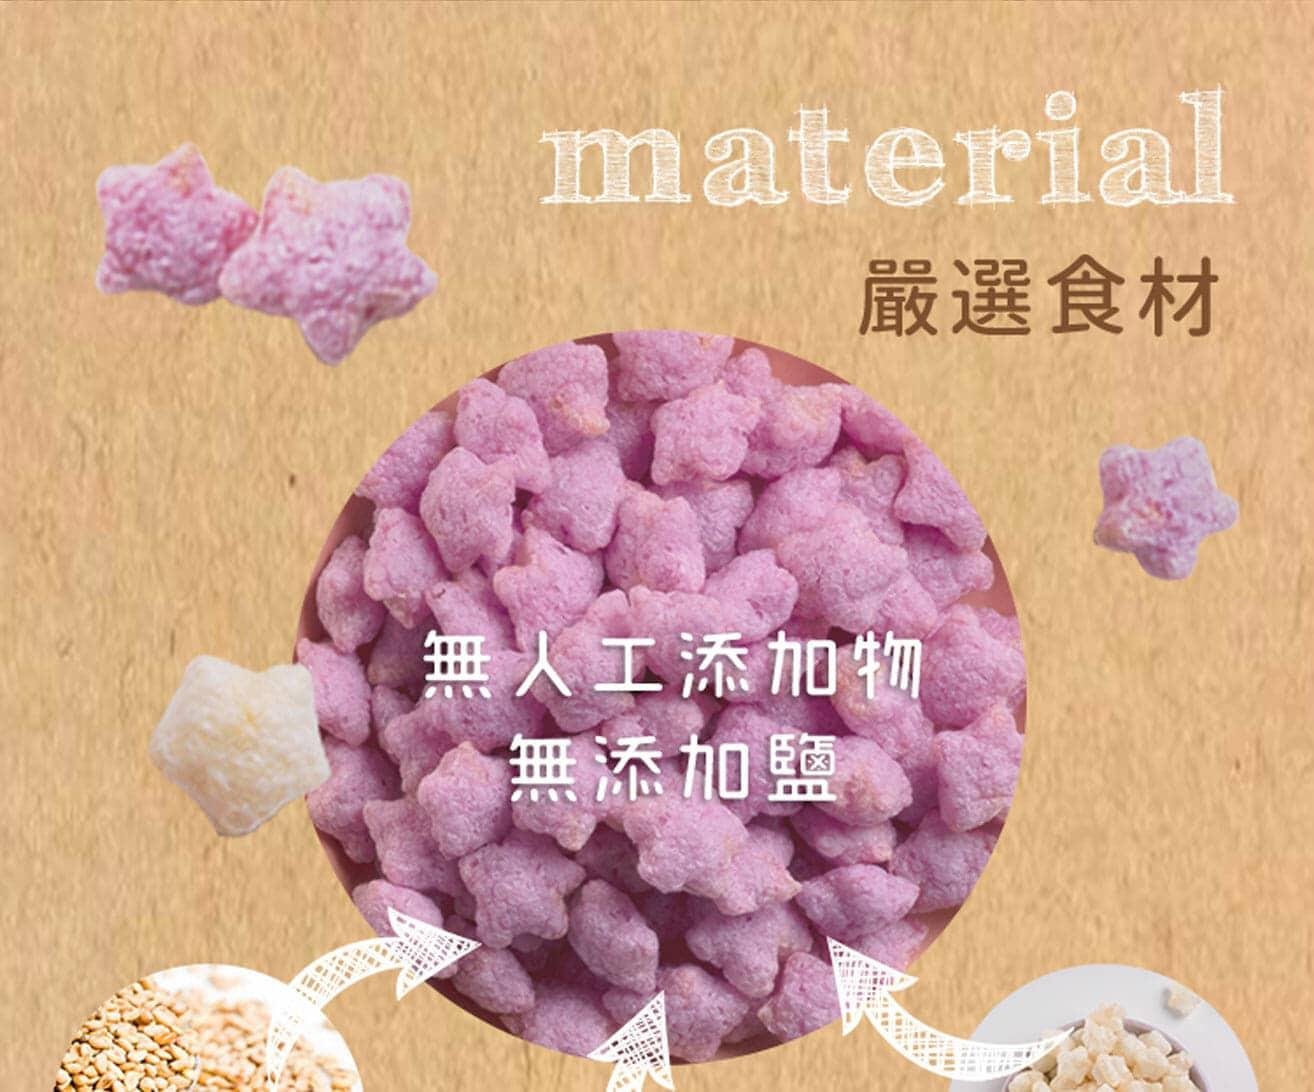 麥星星採用嚴選食材,無人工添加物,也沒有添加鹽。